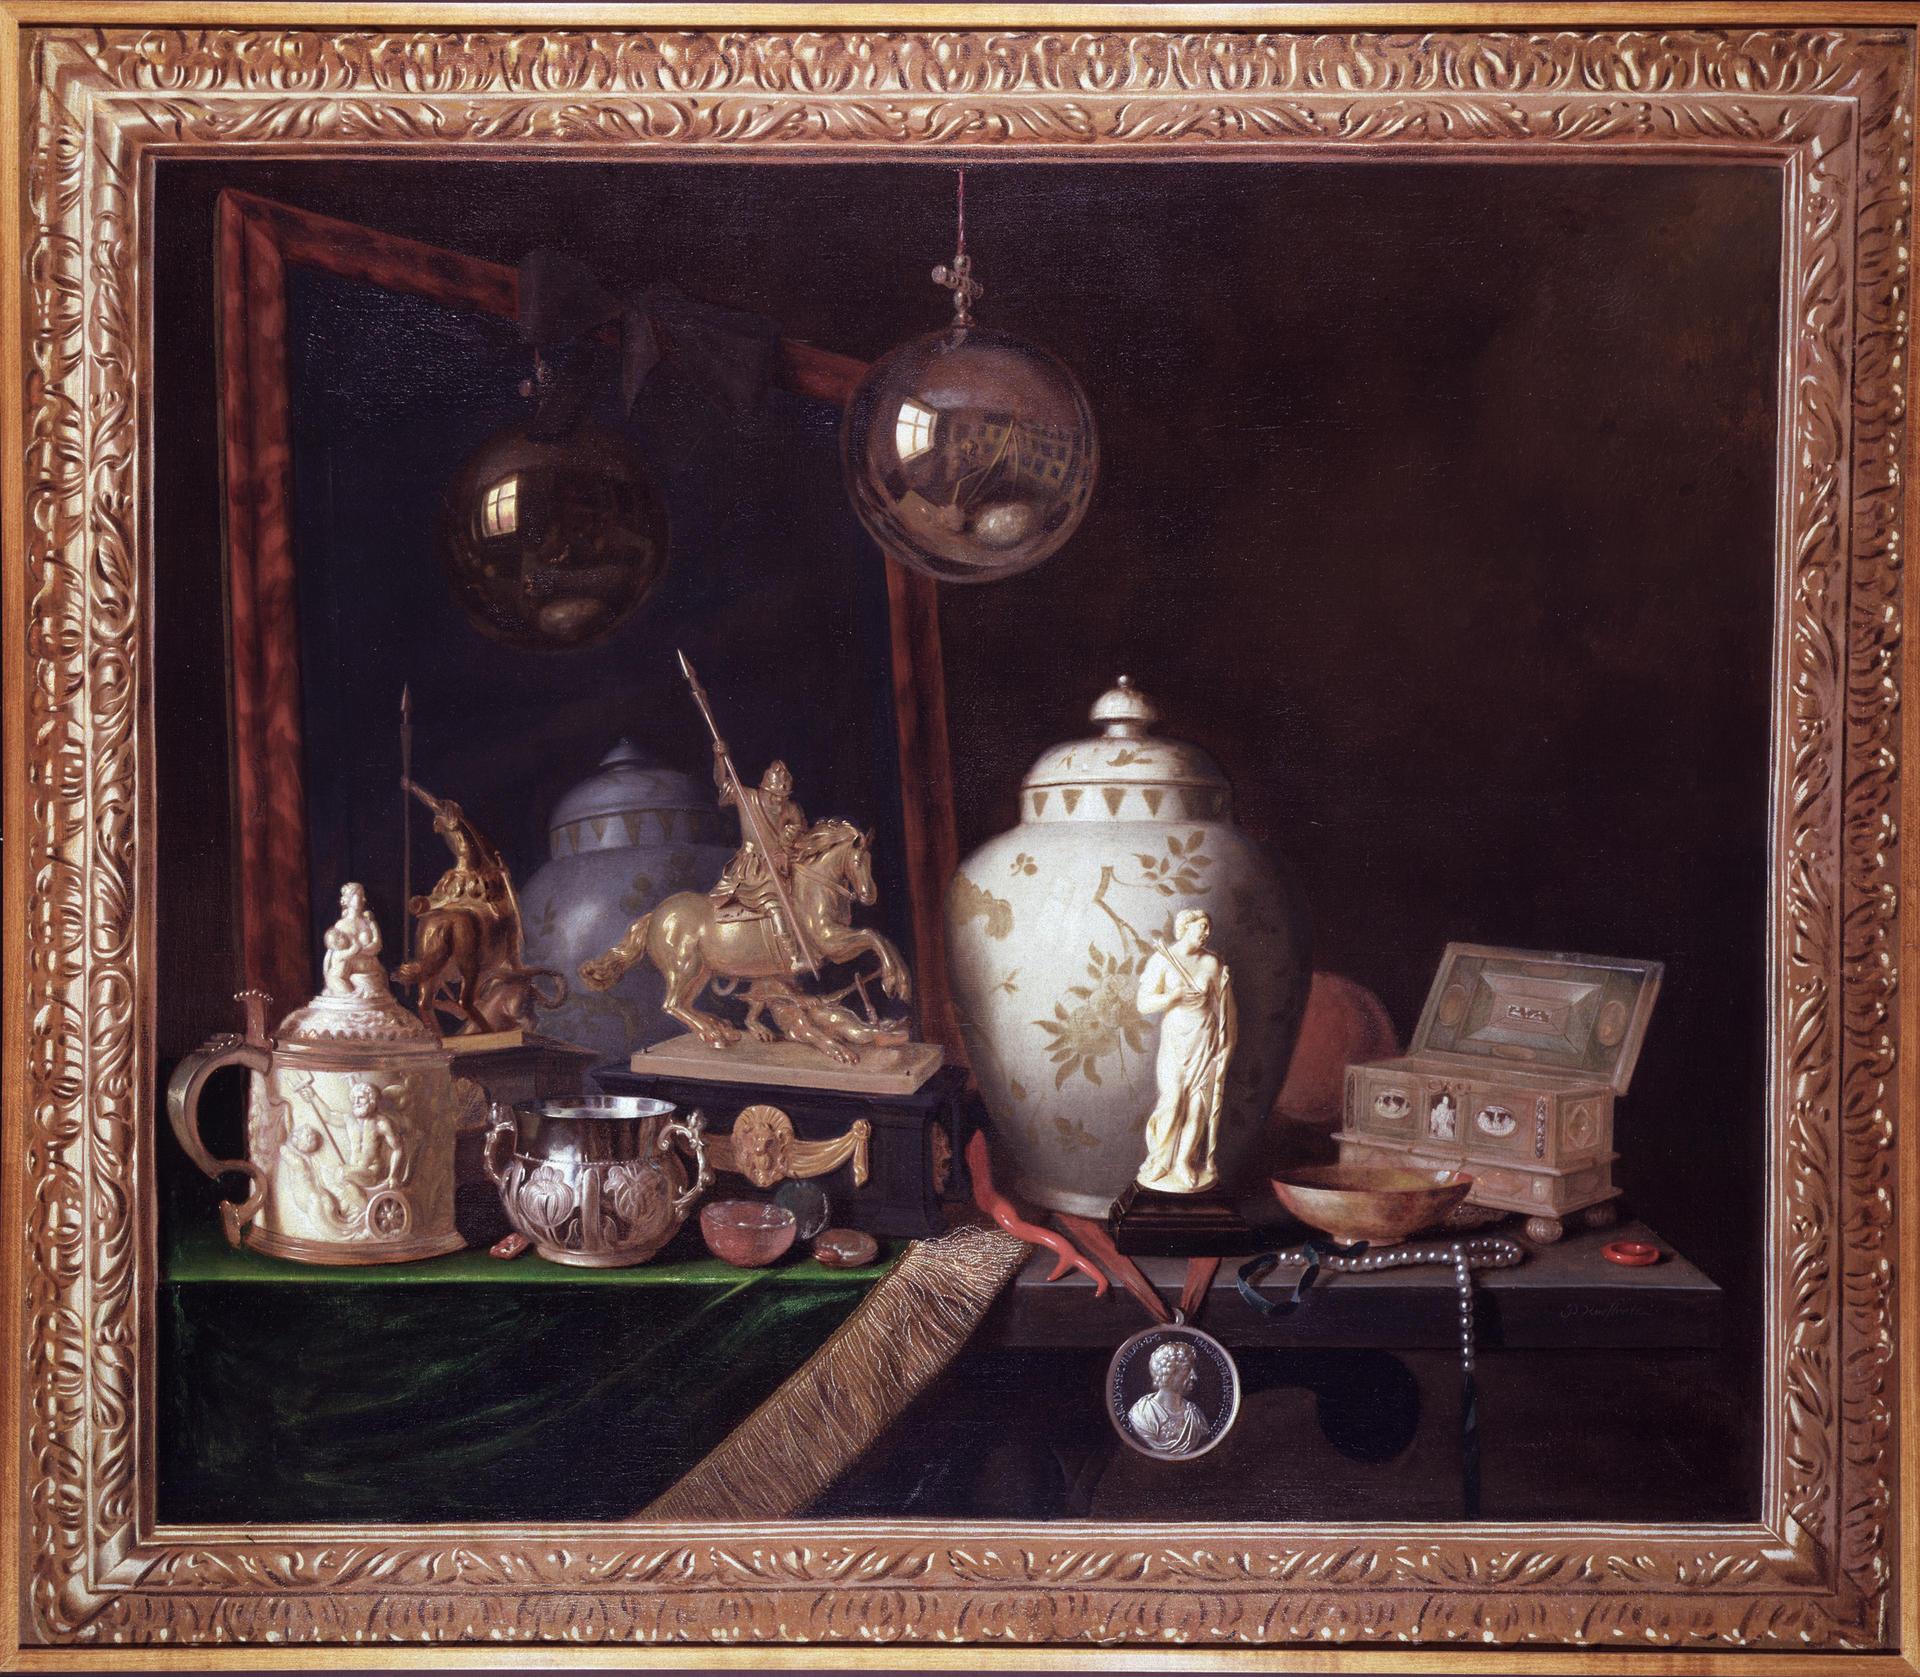 pieter-gerritsz-van-roestraten vanite avec boule